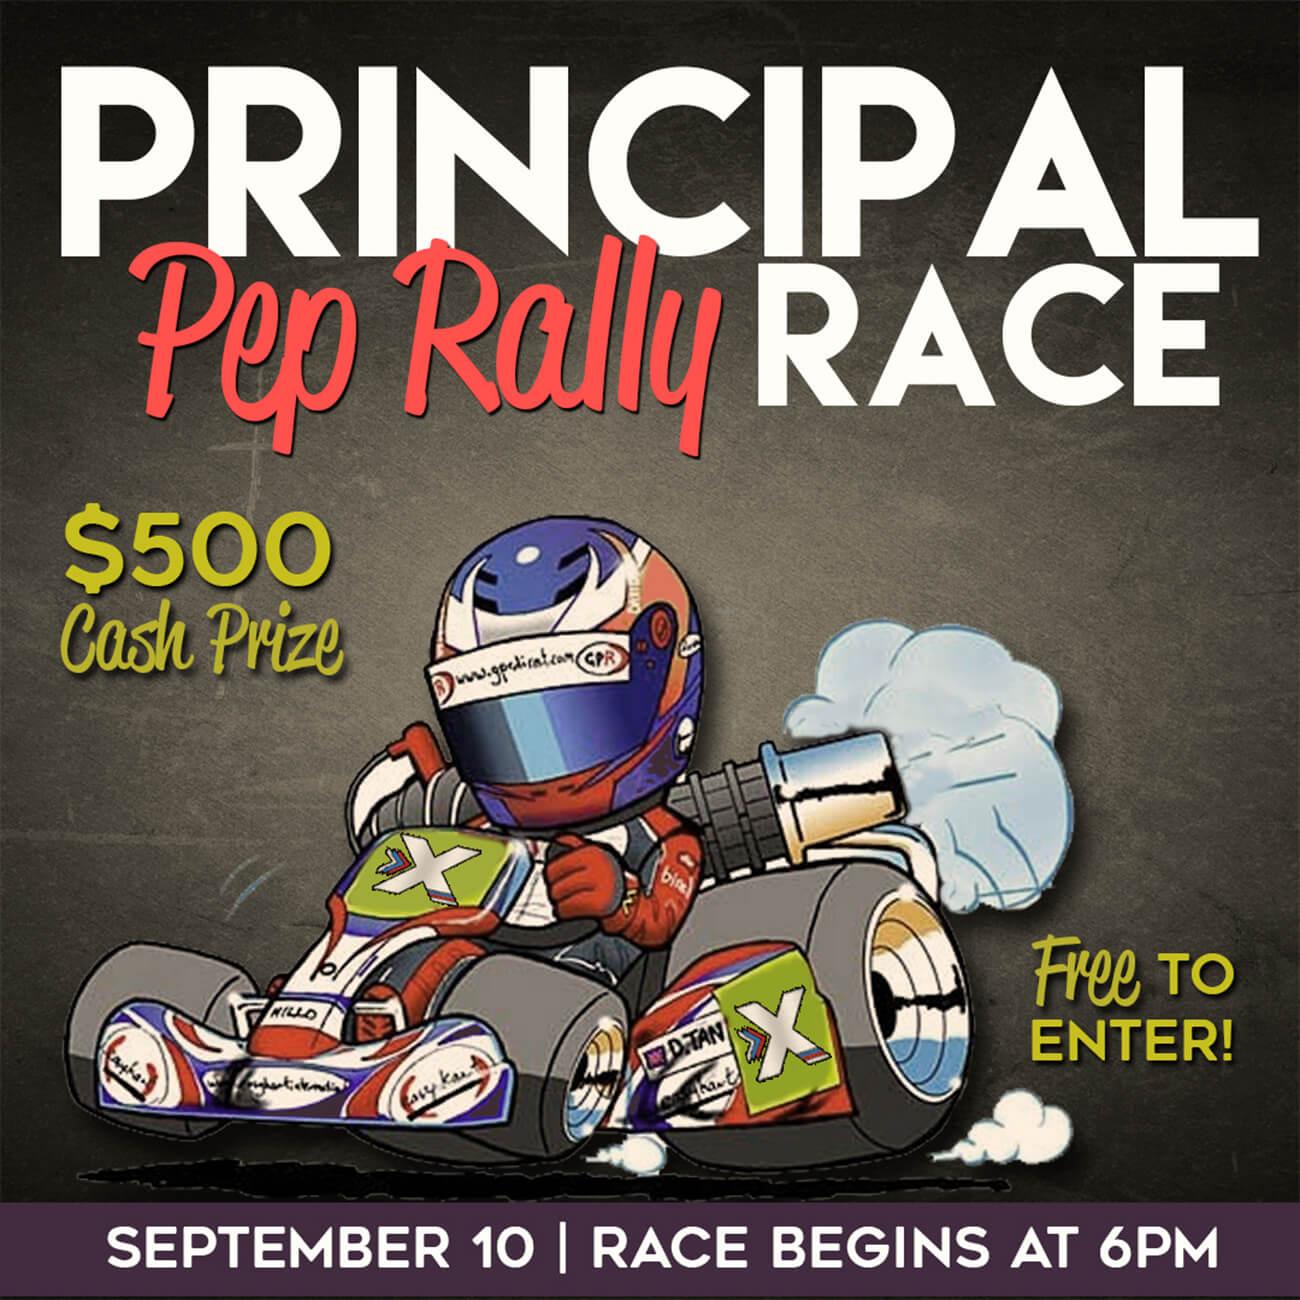 Principal Pep Rally Race